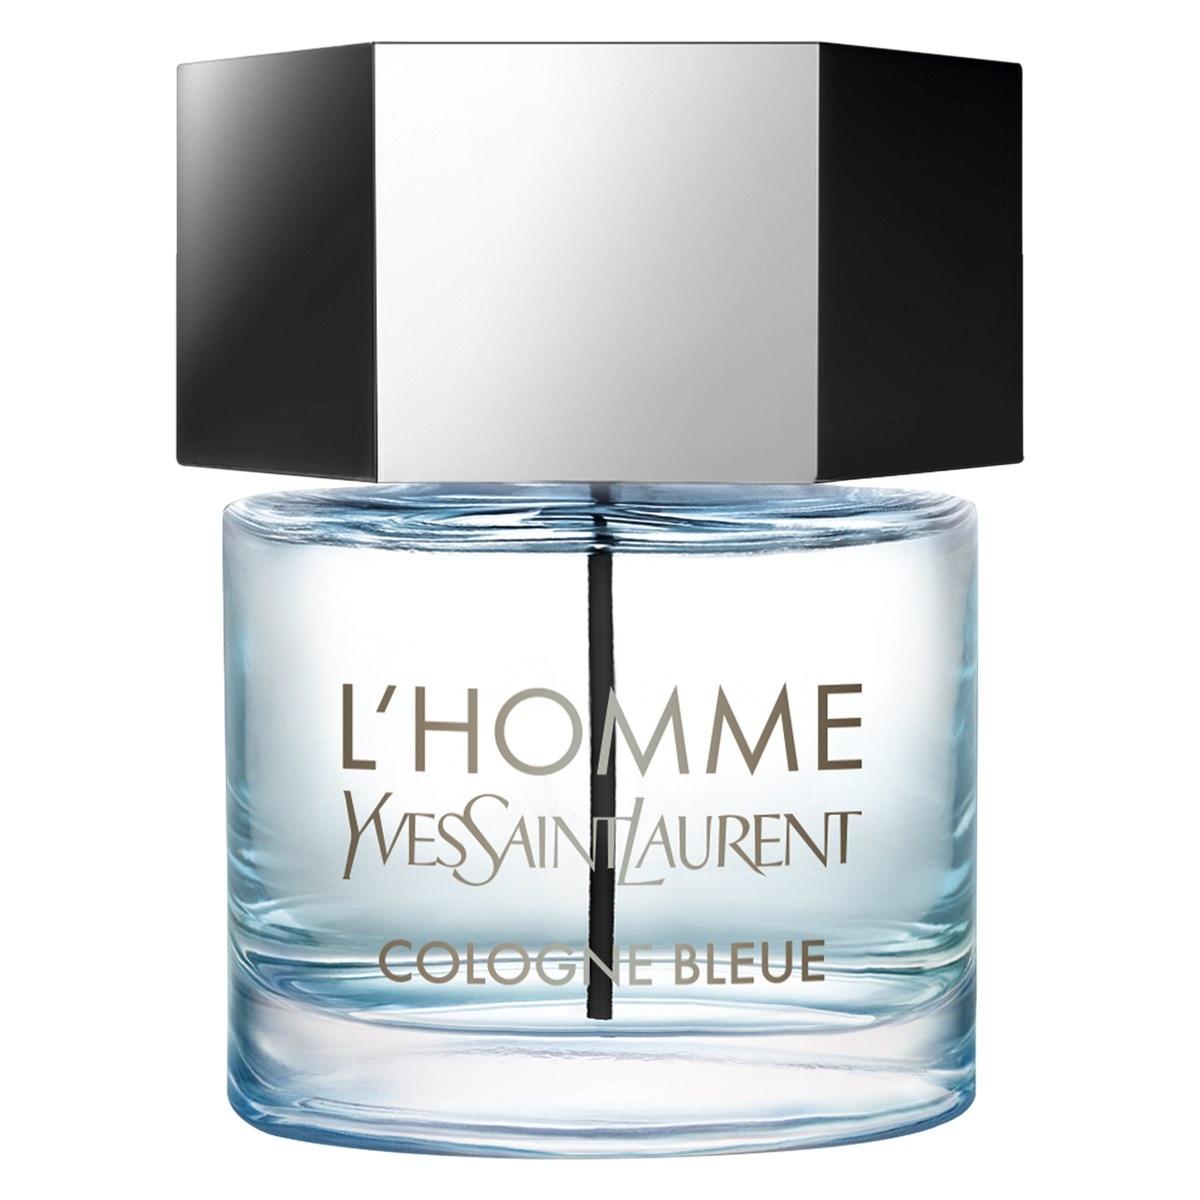 Yves Saint Laurent L'Homme Cologne Bleue EDT, 60 ml